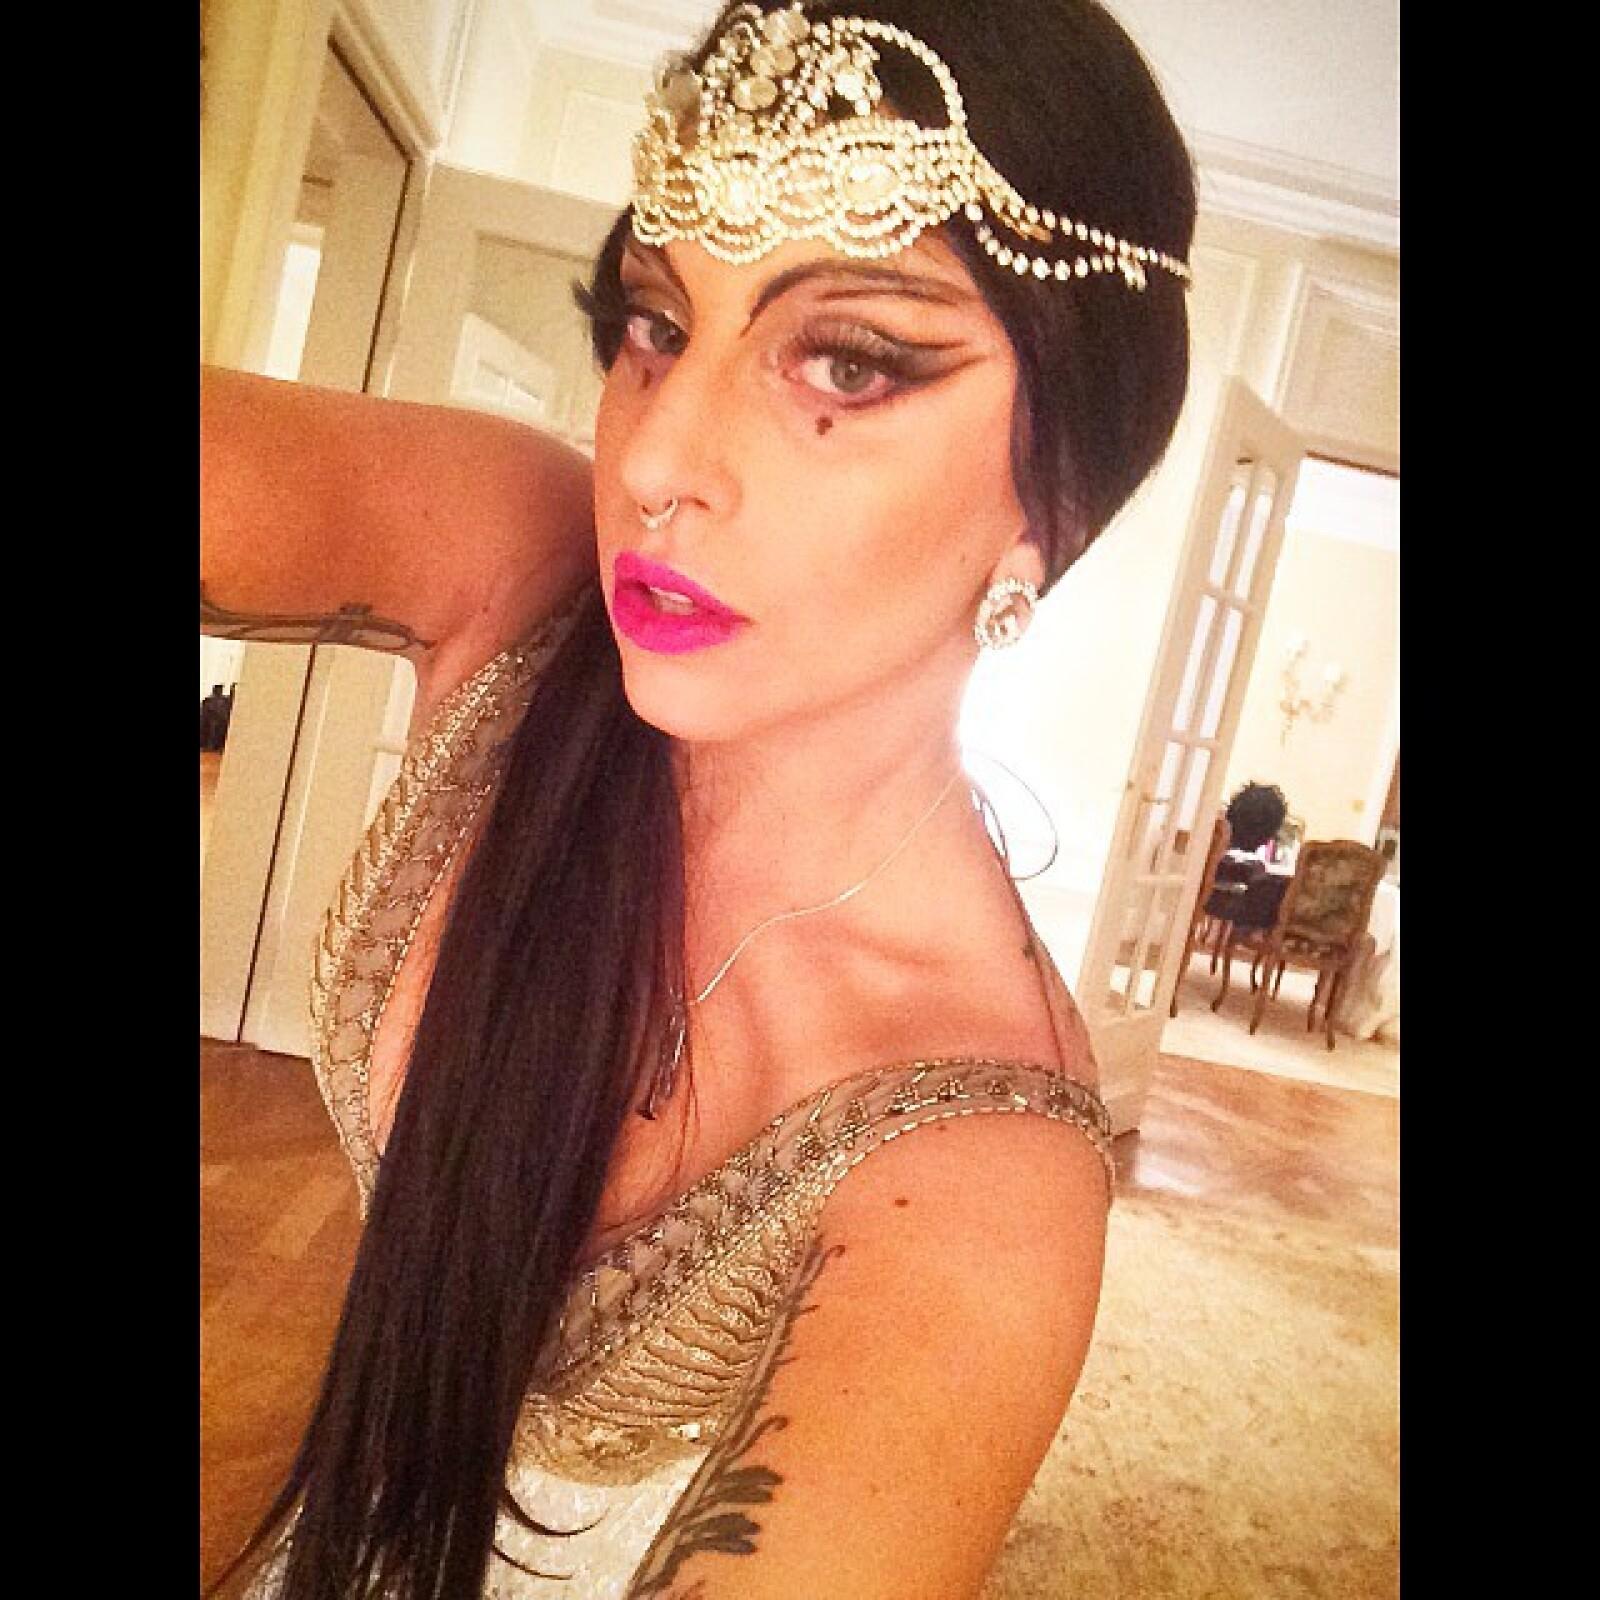 La estrella pop Lady Gaga se vistió como princesa, un disfraz algo recatado en comparación a las extravagancias a la que normalmente usa.